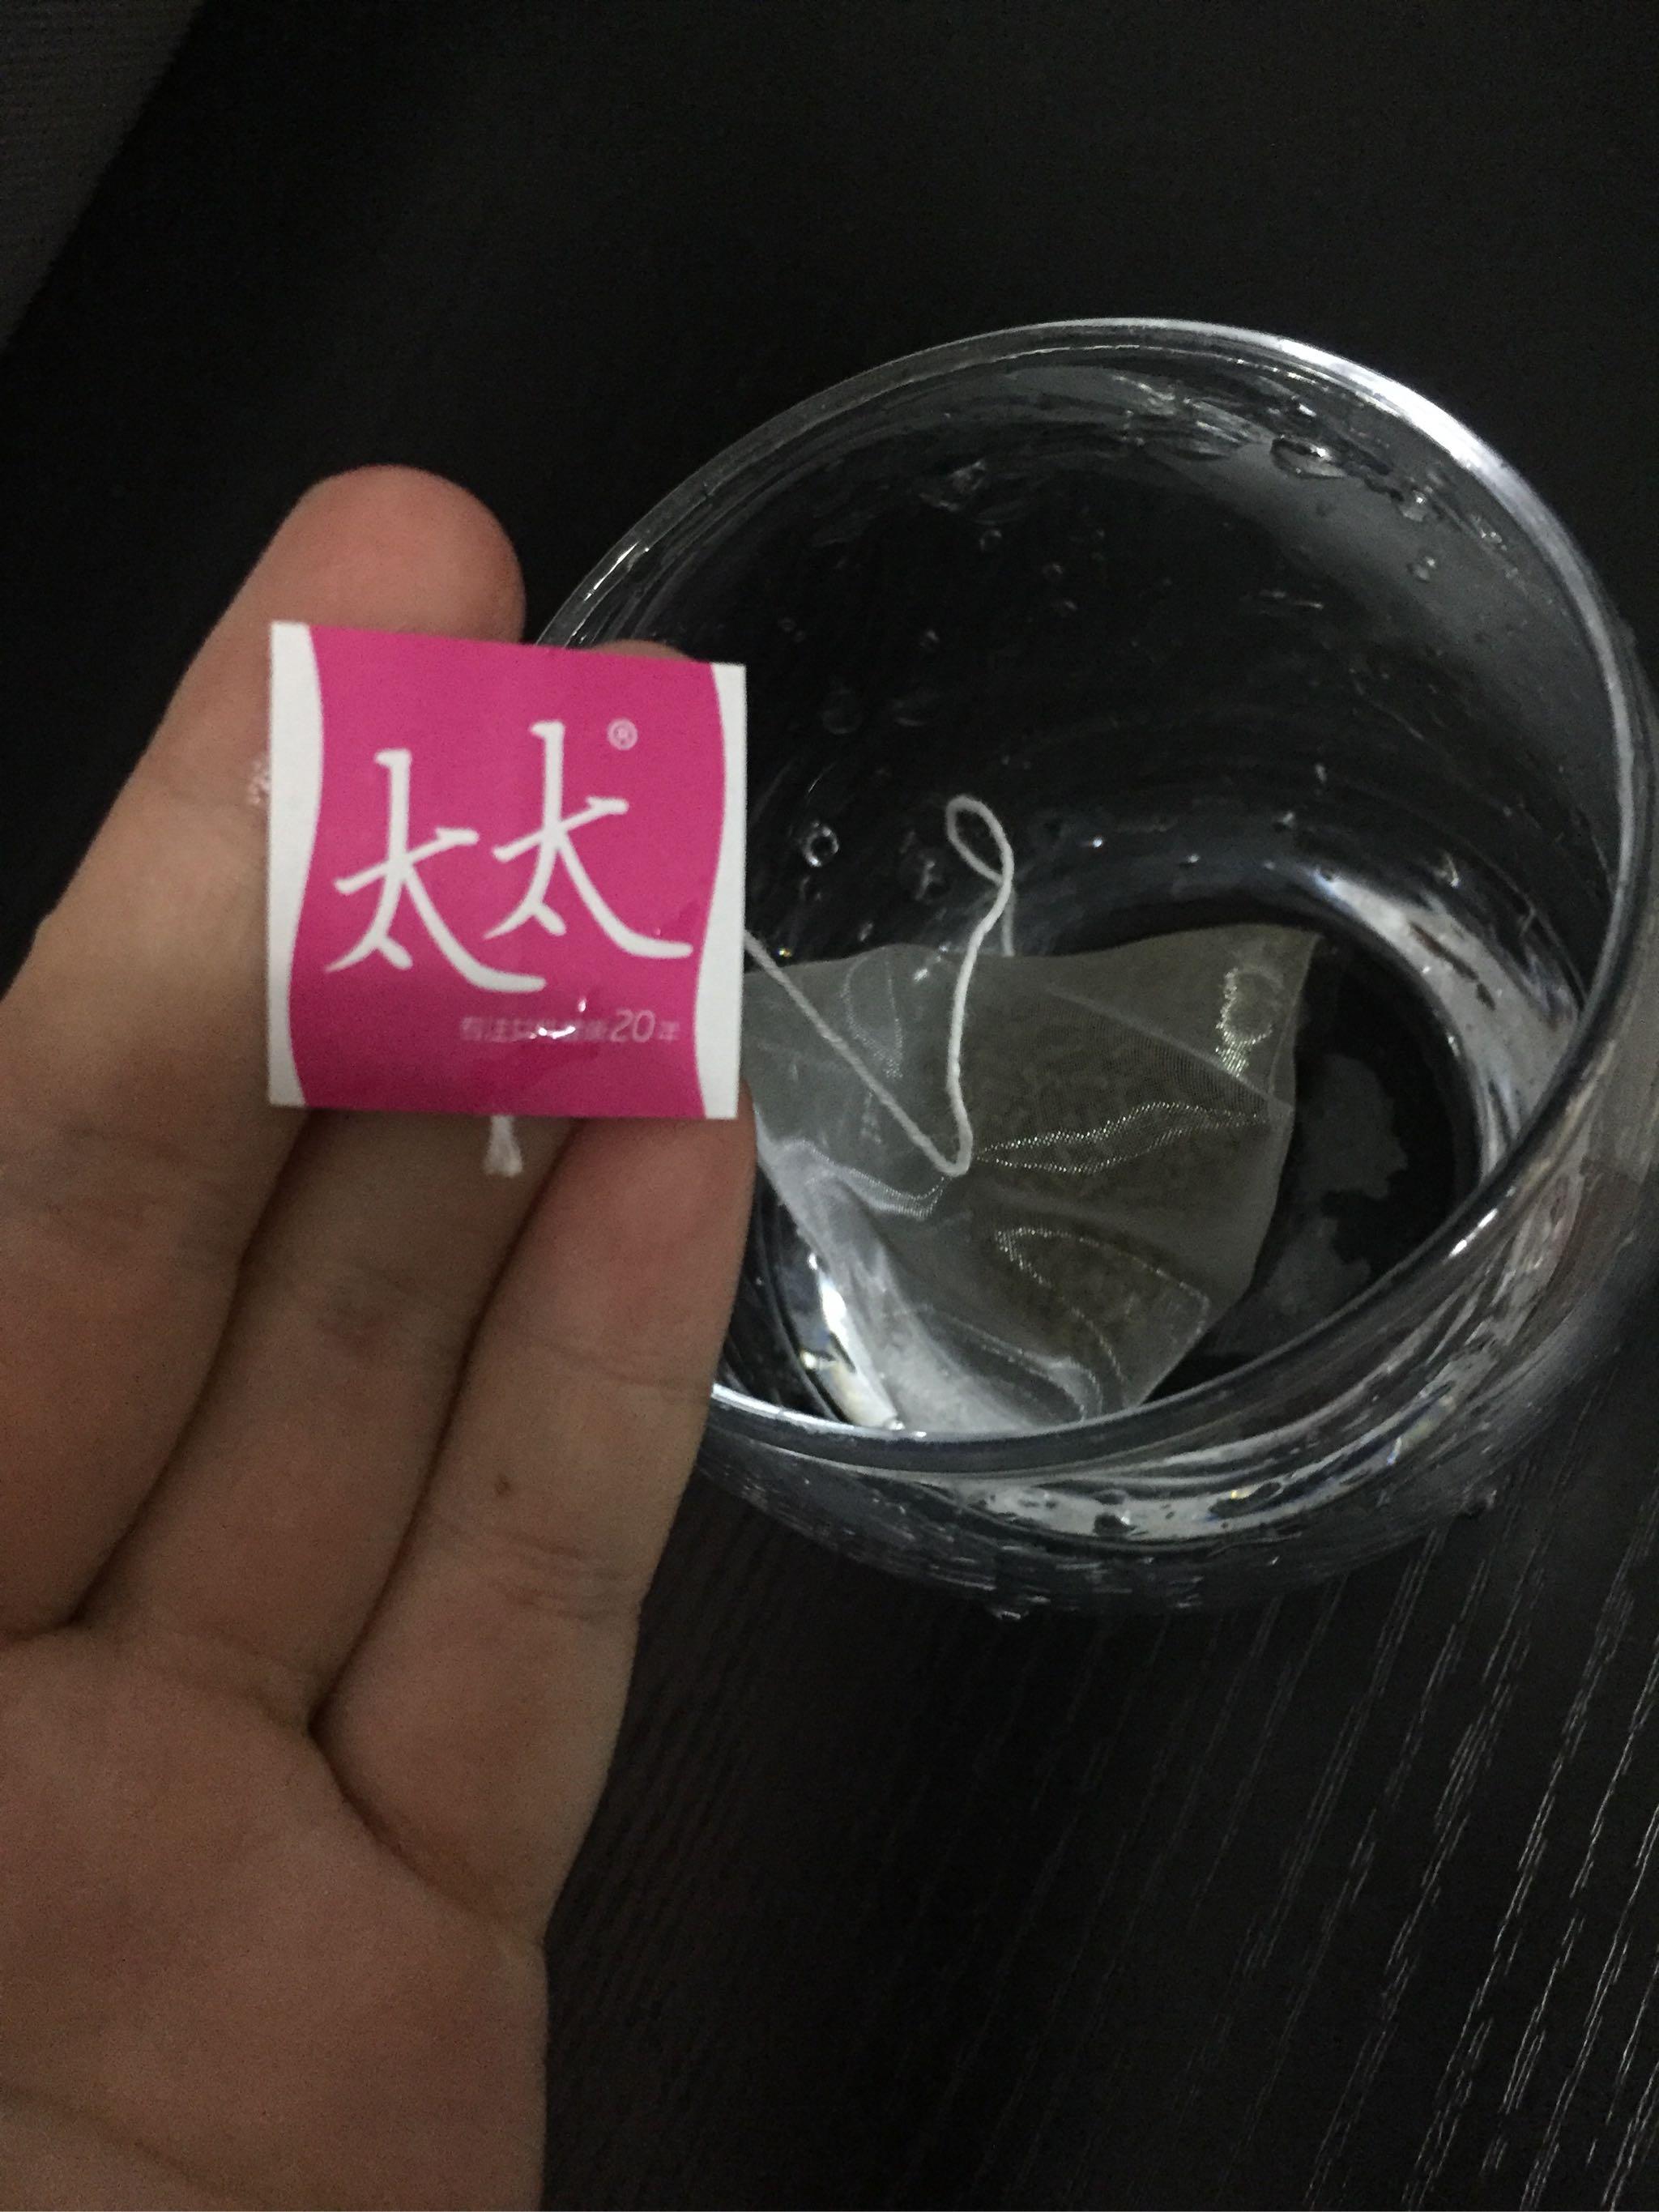 太太秀秀减肥茶体验——纯草本配方,安全放心